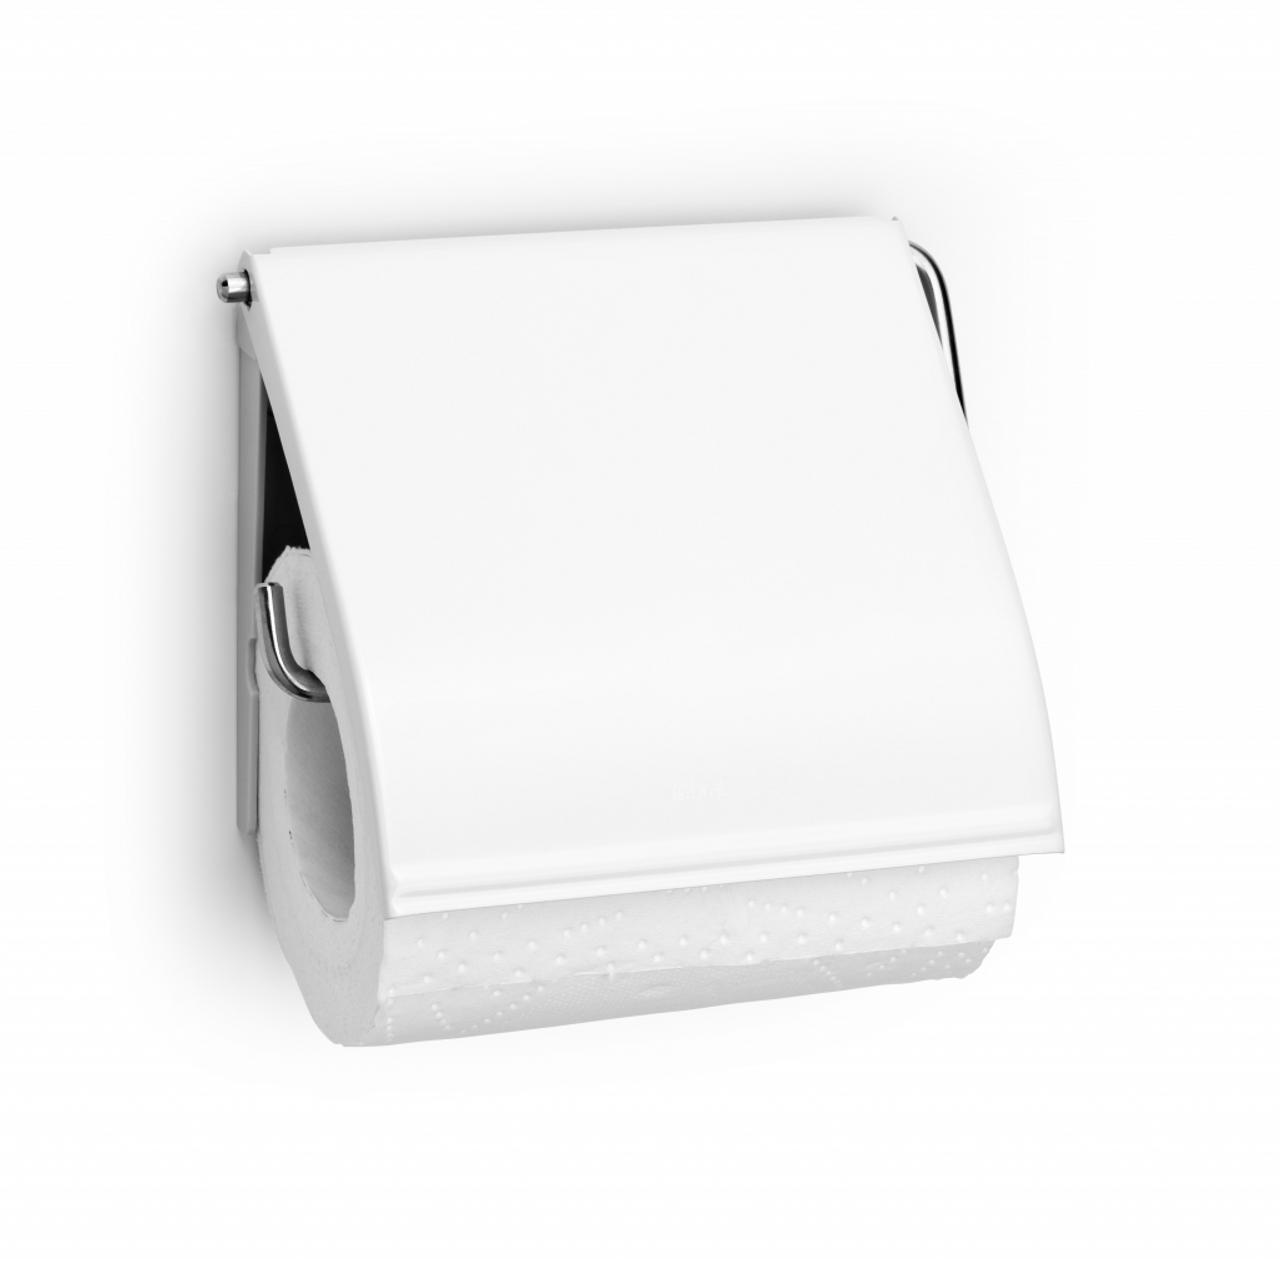 Brabantia Toilet Roll Holder Classic - White